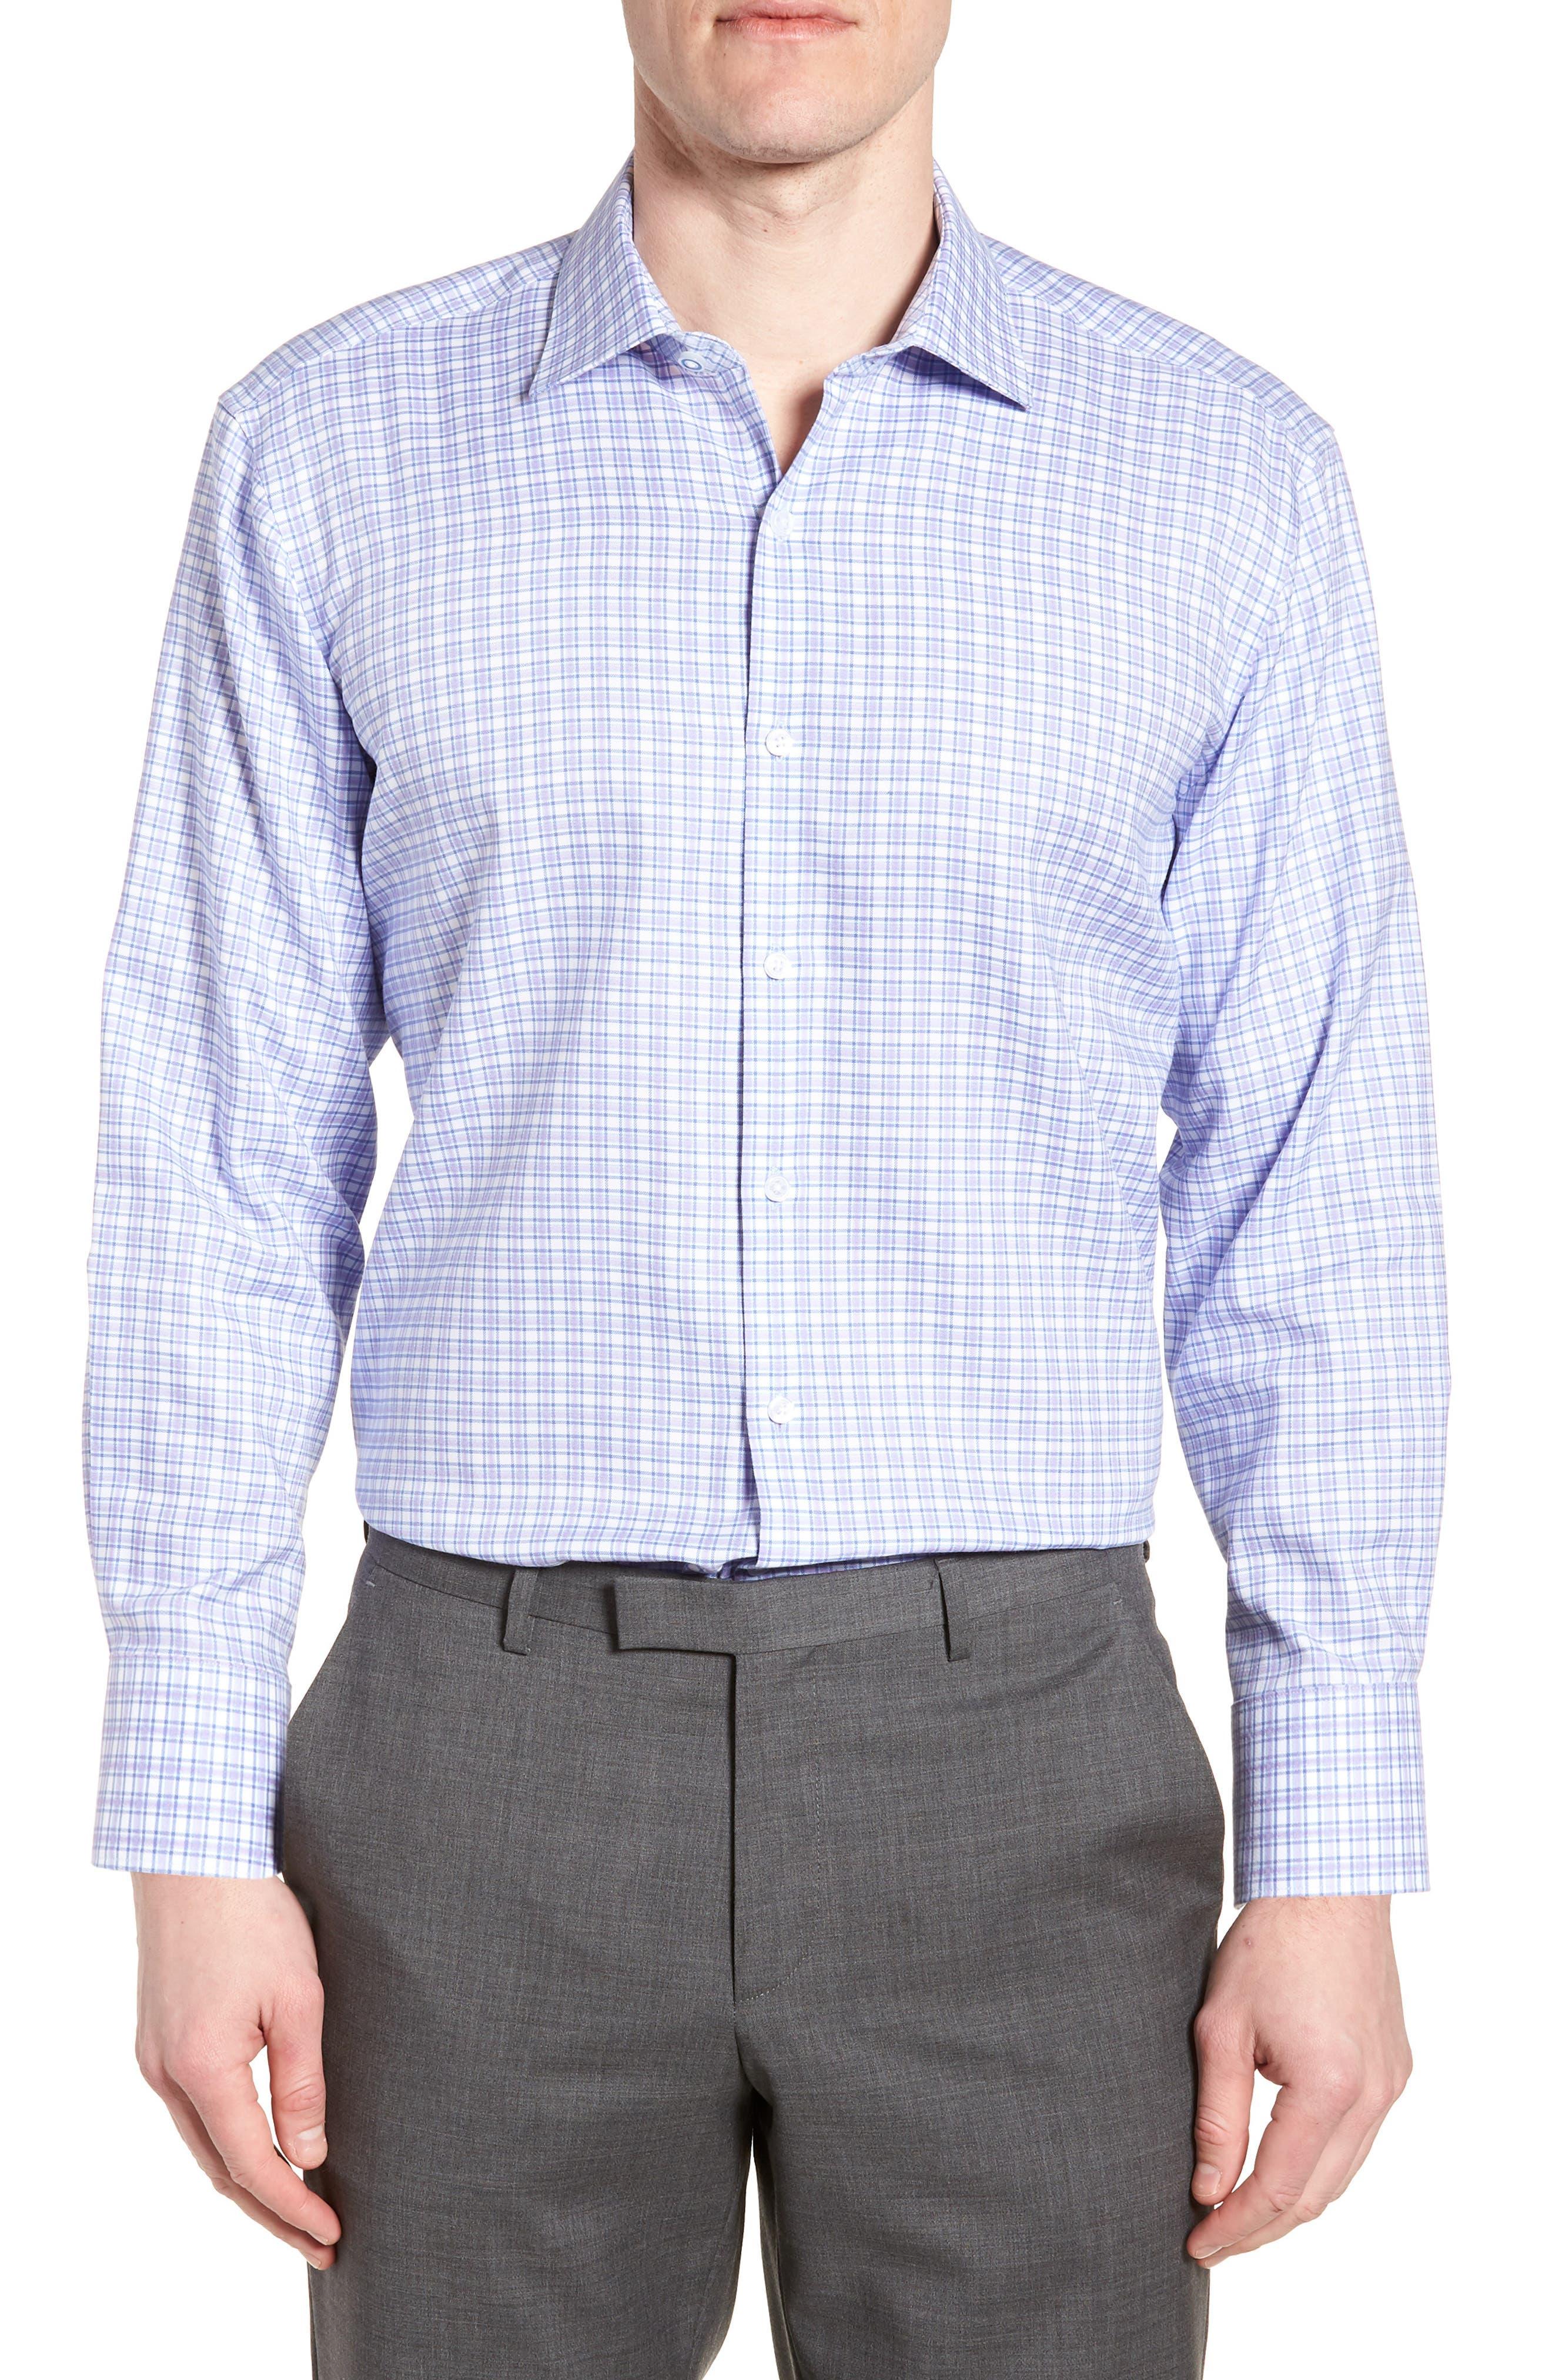 Neil Trim Fit Check Dress Shirt,                         Main,                         color, Lavender